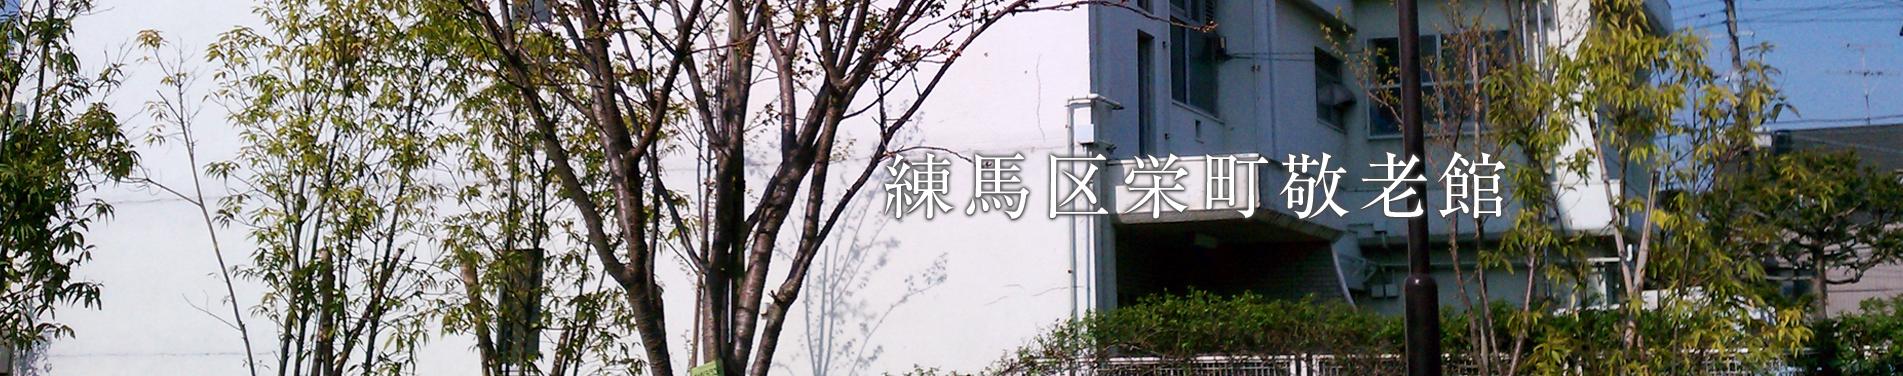 練馬区栄町敬老館